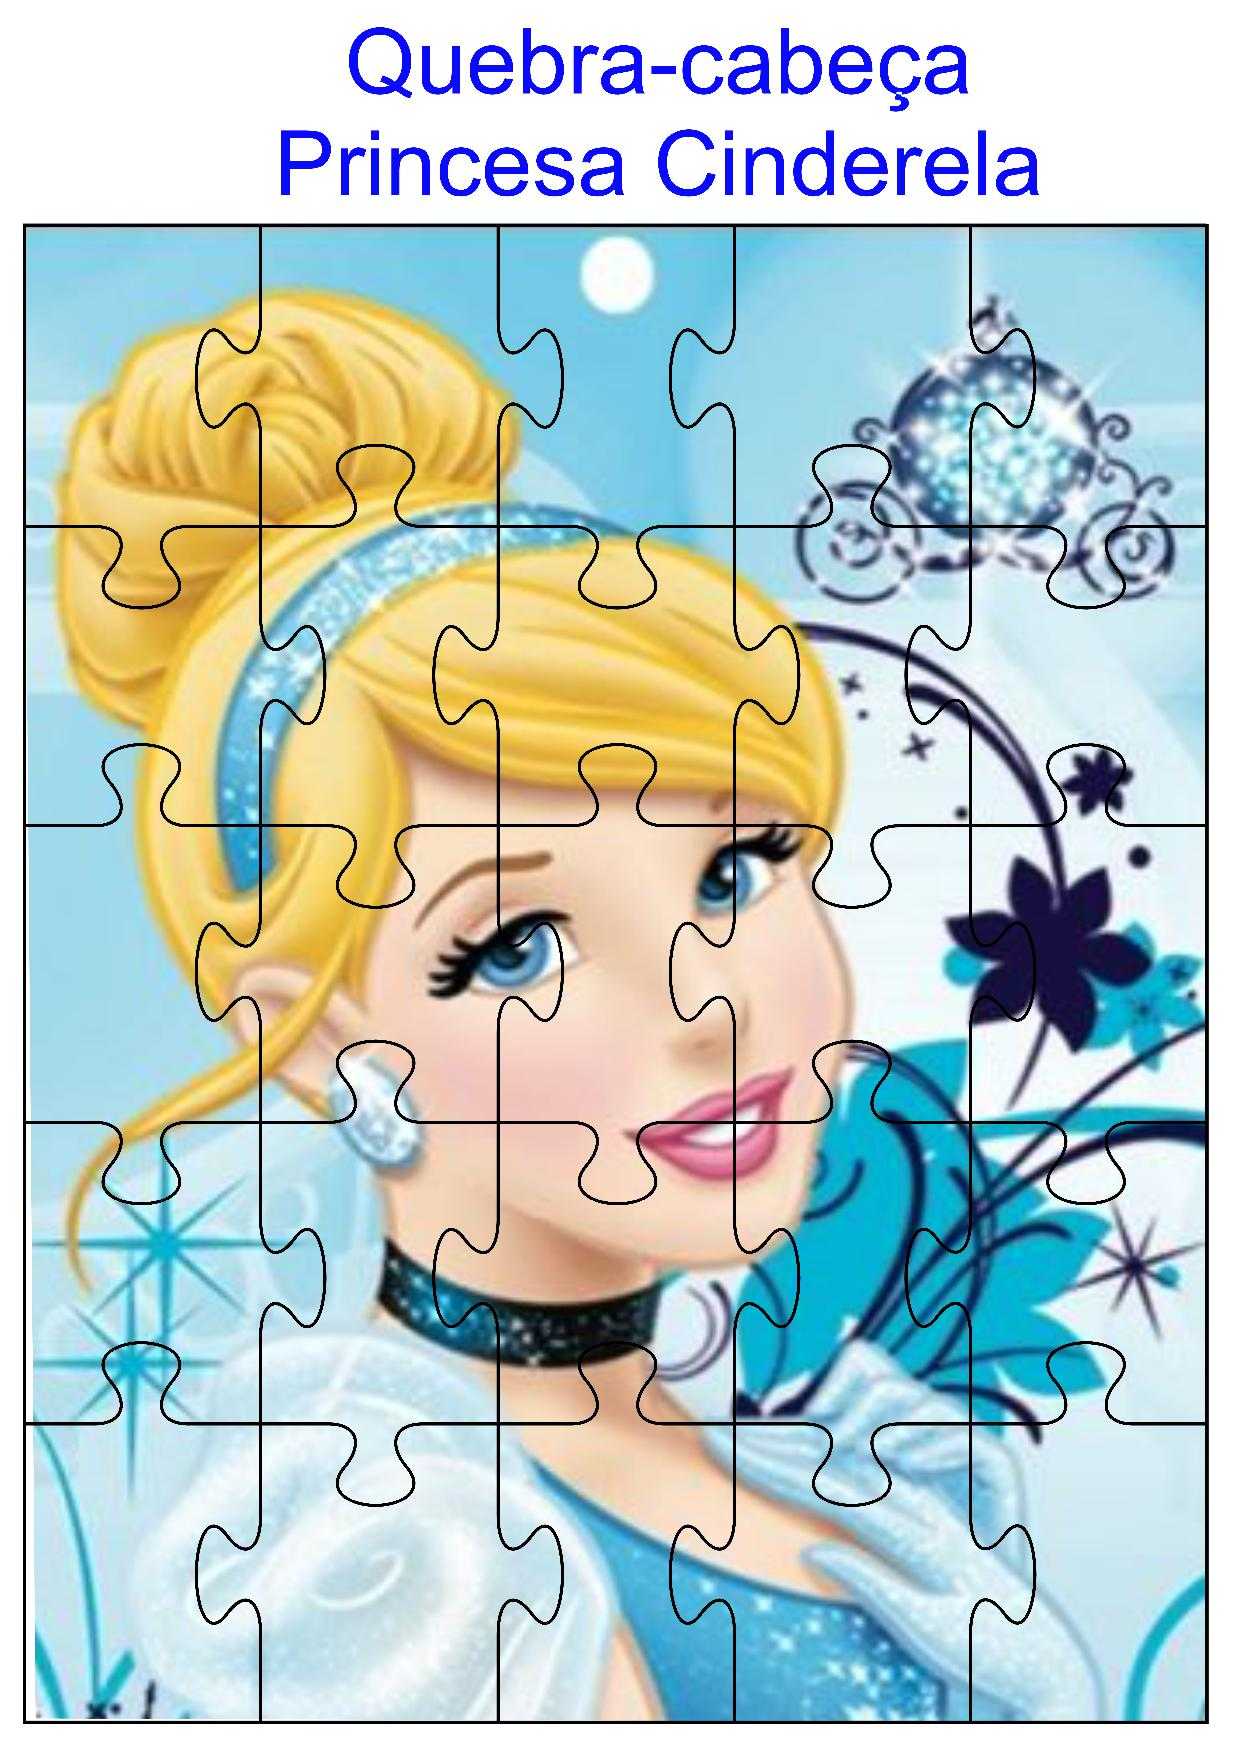 Quebra-cabeça princesa Cinderela